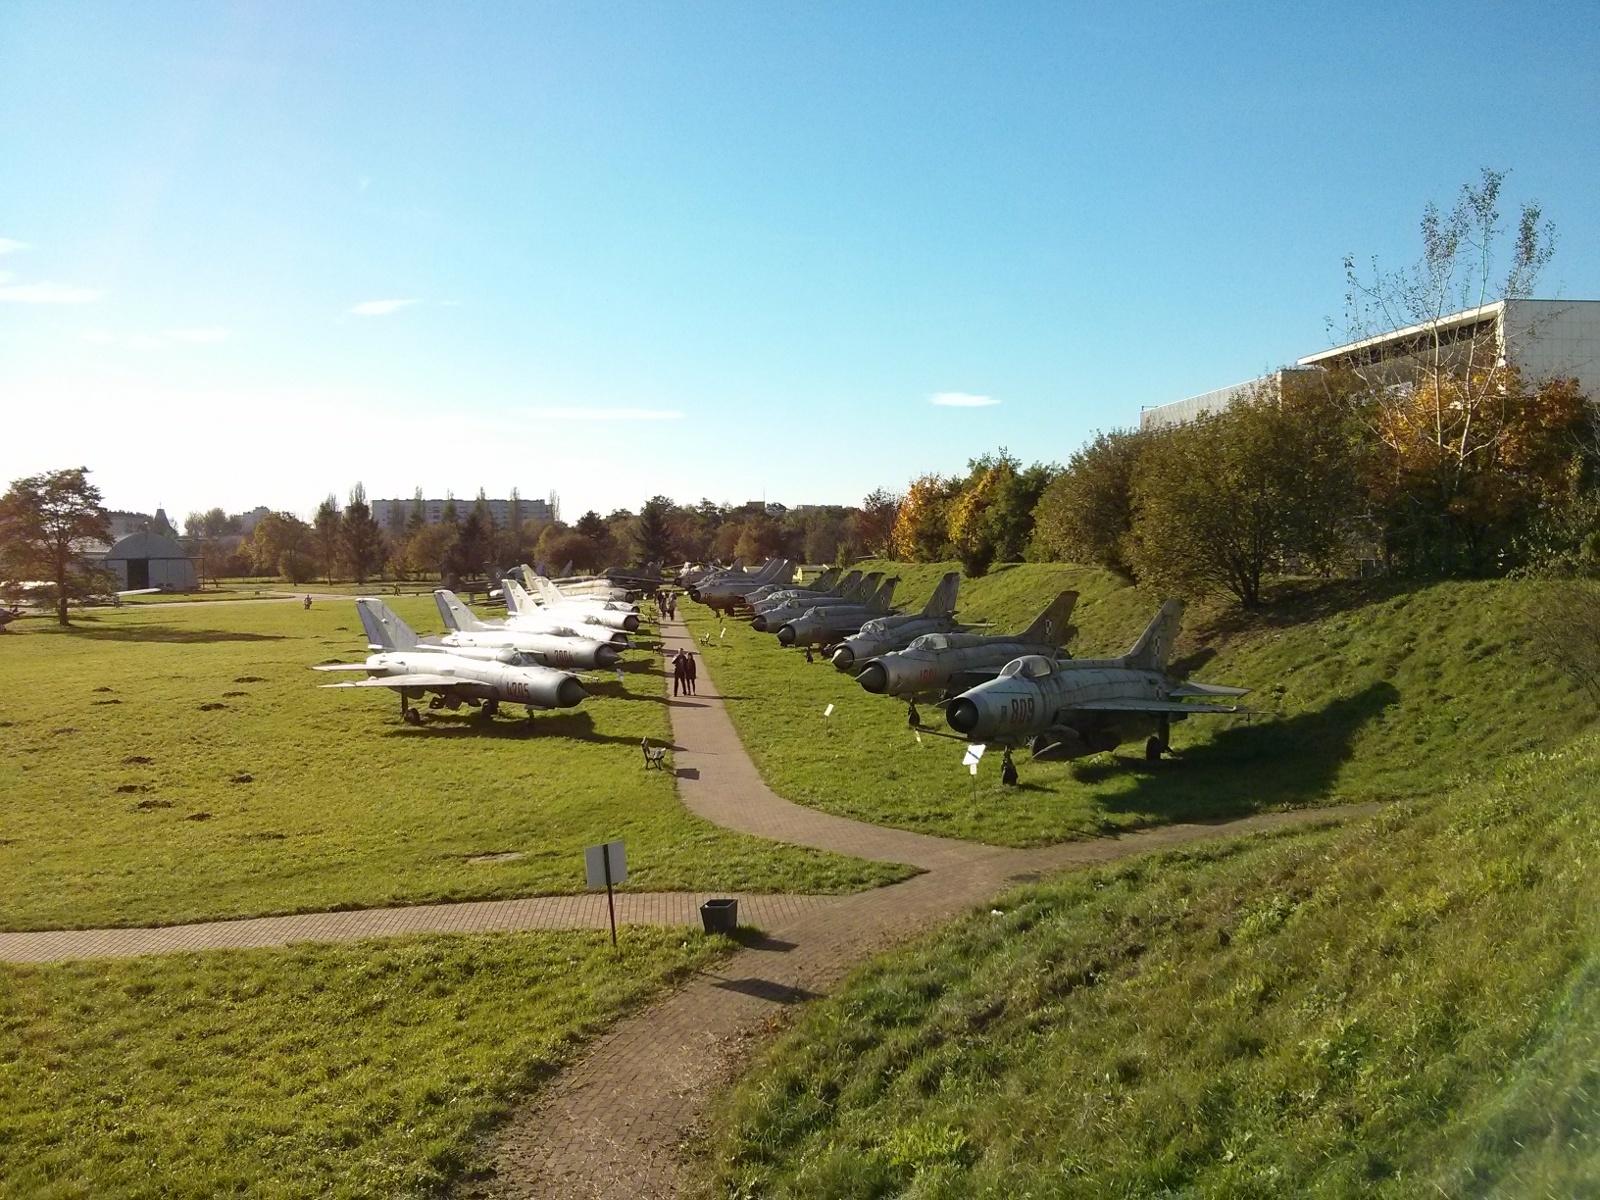 Samoloty wojskowe w Muzeum Lotnictwa w Czyżynach